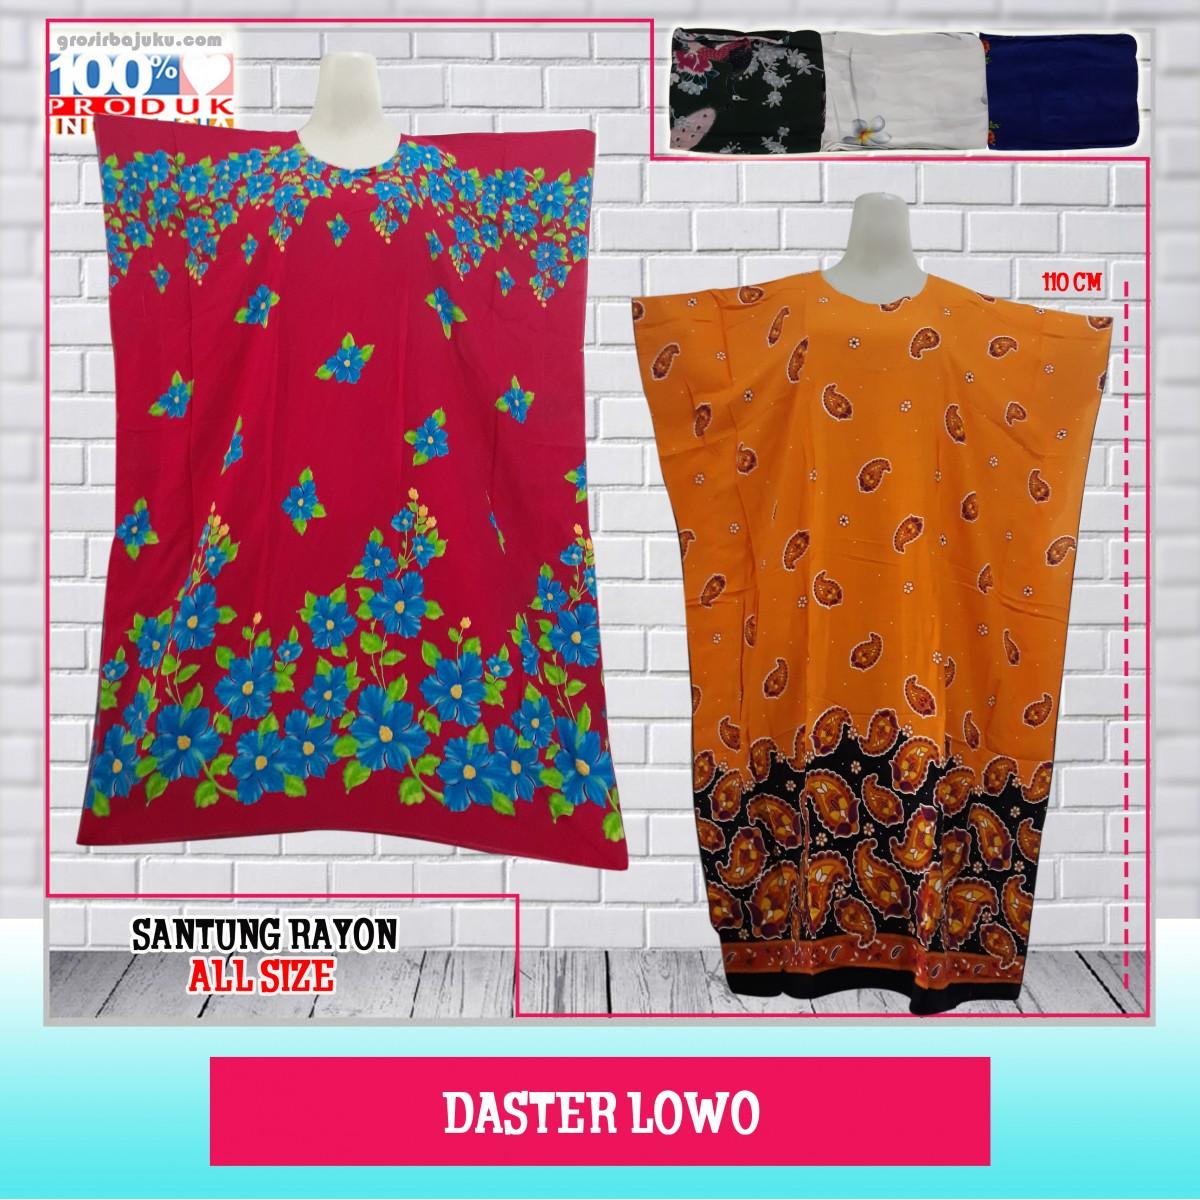 Obral Baju Daster Batik Murah 18ribu Obral Daster Lowo Murah